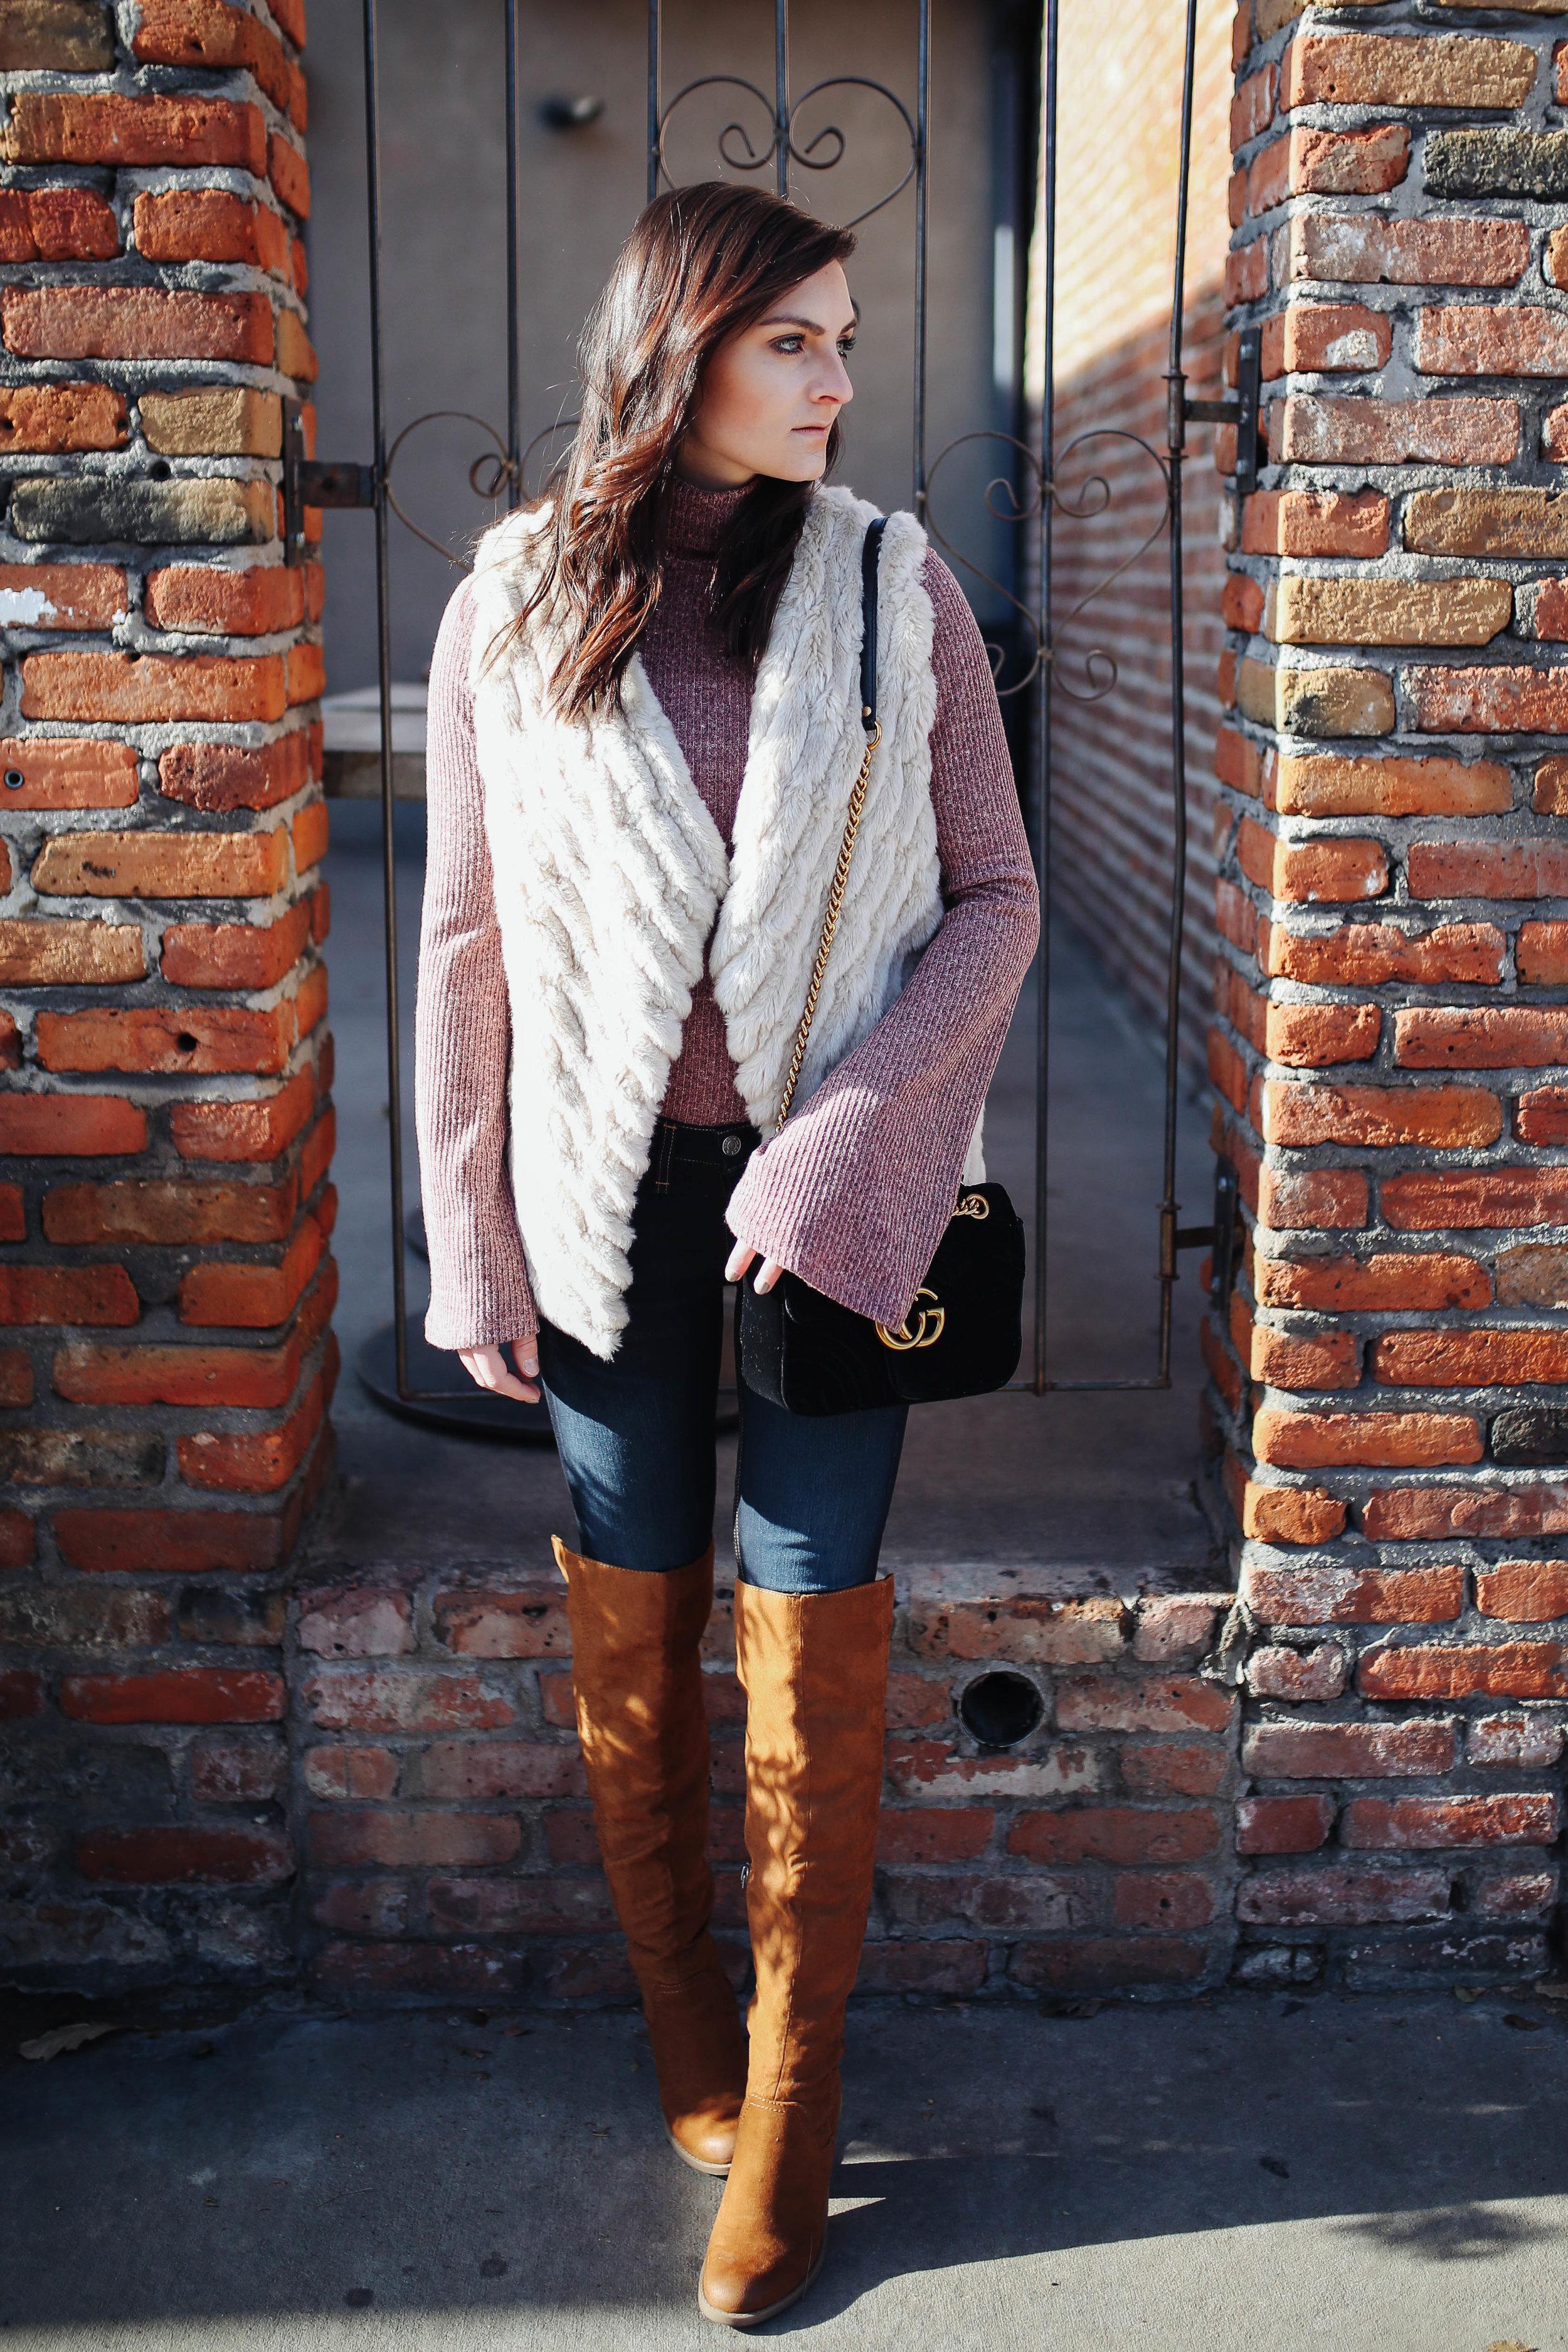 """<img src ="""" bell sleeves.jpg"""" alt = """"trending-bell-sleeves-otk-boots-bb dakota-keith-faux-fur-vest"""">"""